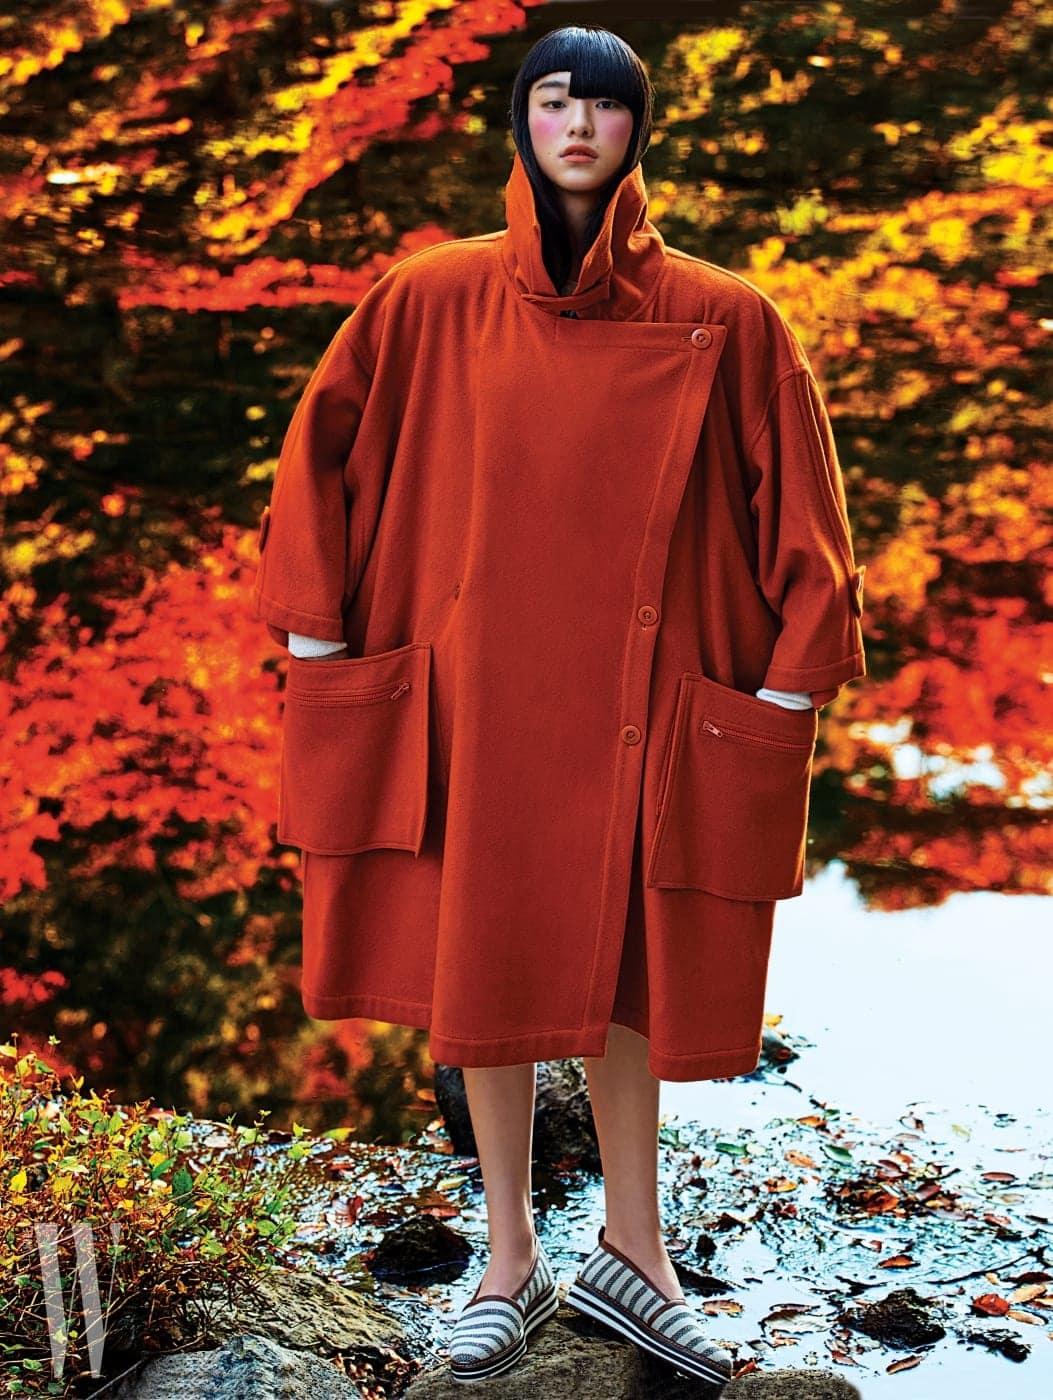 1980년대 실루엣의 오버사이즈 코쿤 코트. 여유로운 실루엣과 큼직한 주머니 장식이 당시의 개성을 드러낸다. 흰색 니트 톱과 줄무늬 슬립온 슈즈는 Max Mara 크루즈 컬렉션 제품.